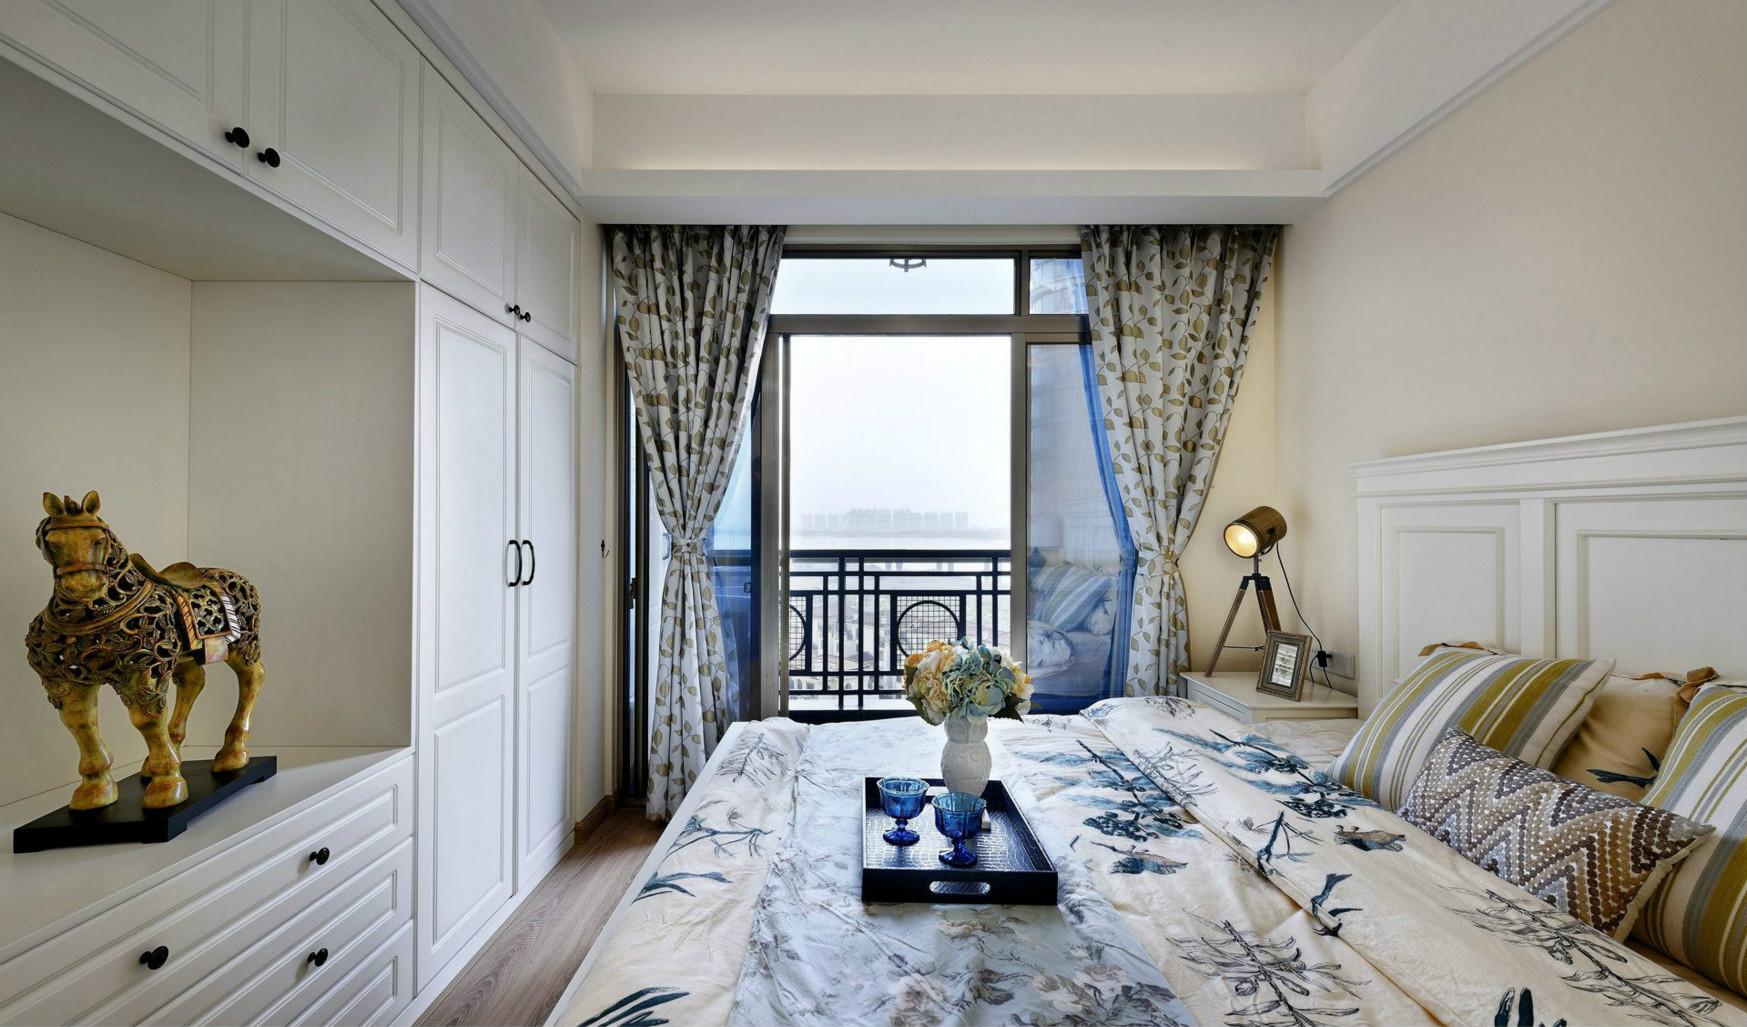 卧室非常注重生活的舒适度和实用性,不追求刻意的装饰,并将家具进行简化